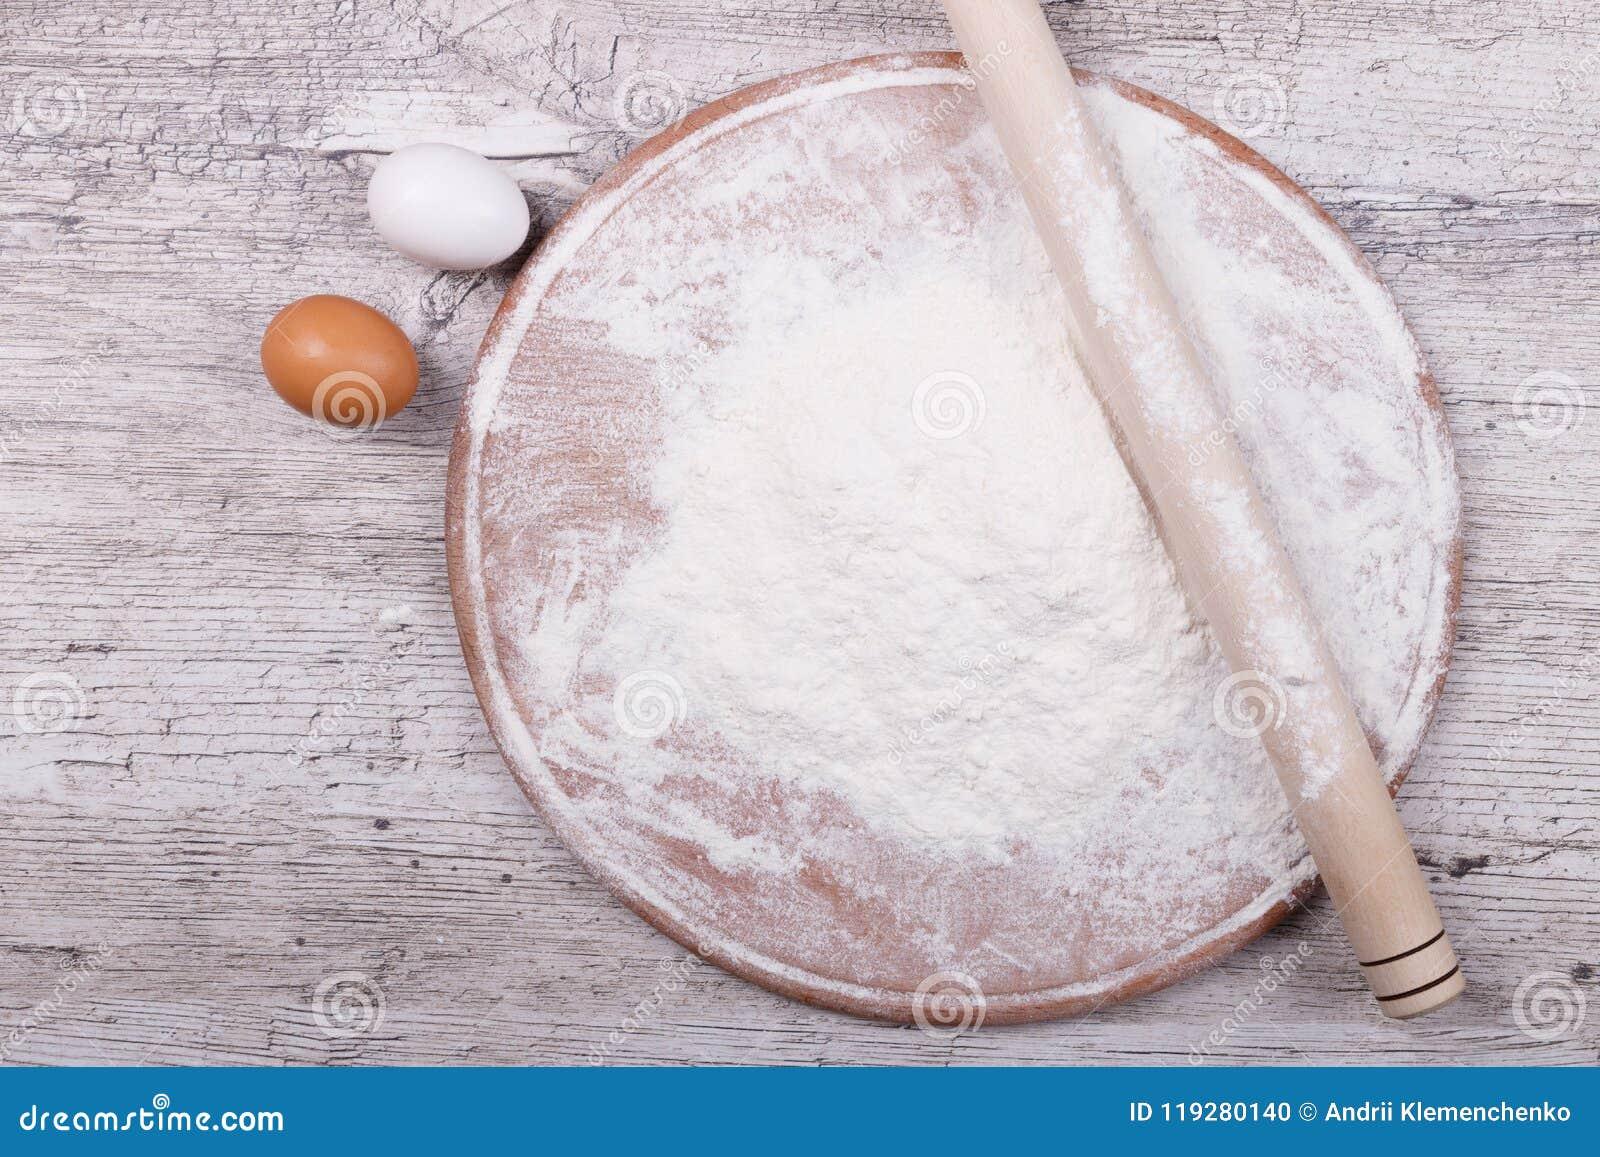 Kitchen utensils for bakery